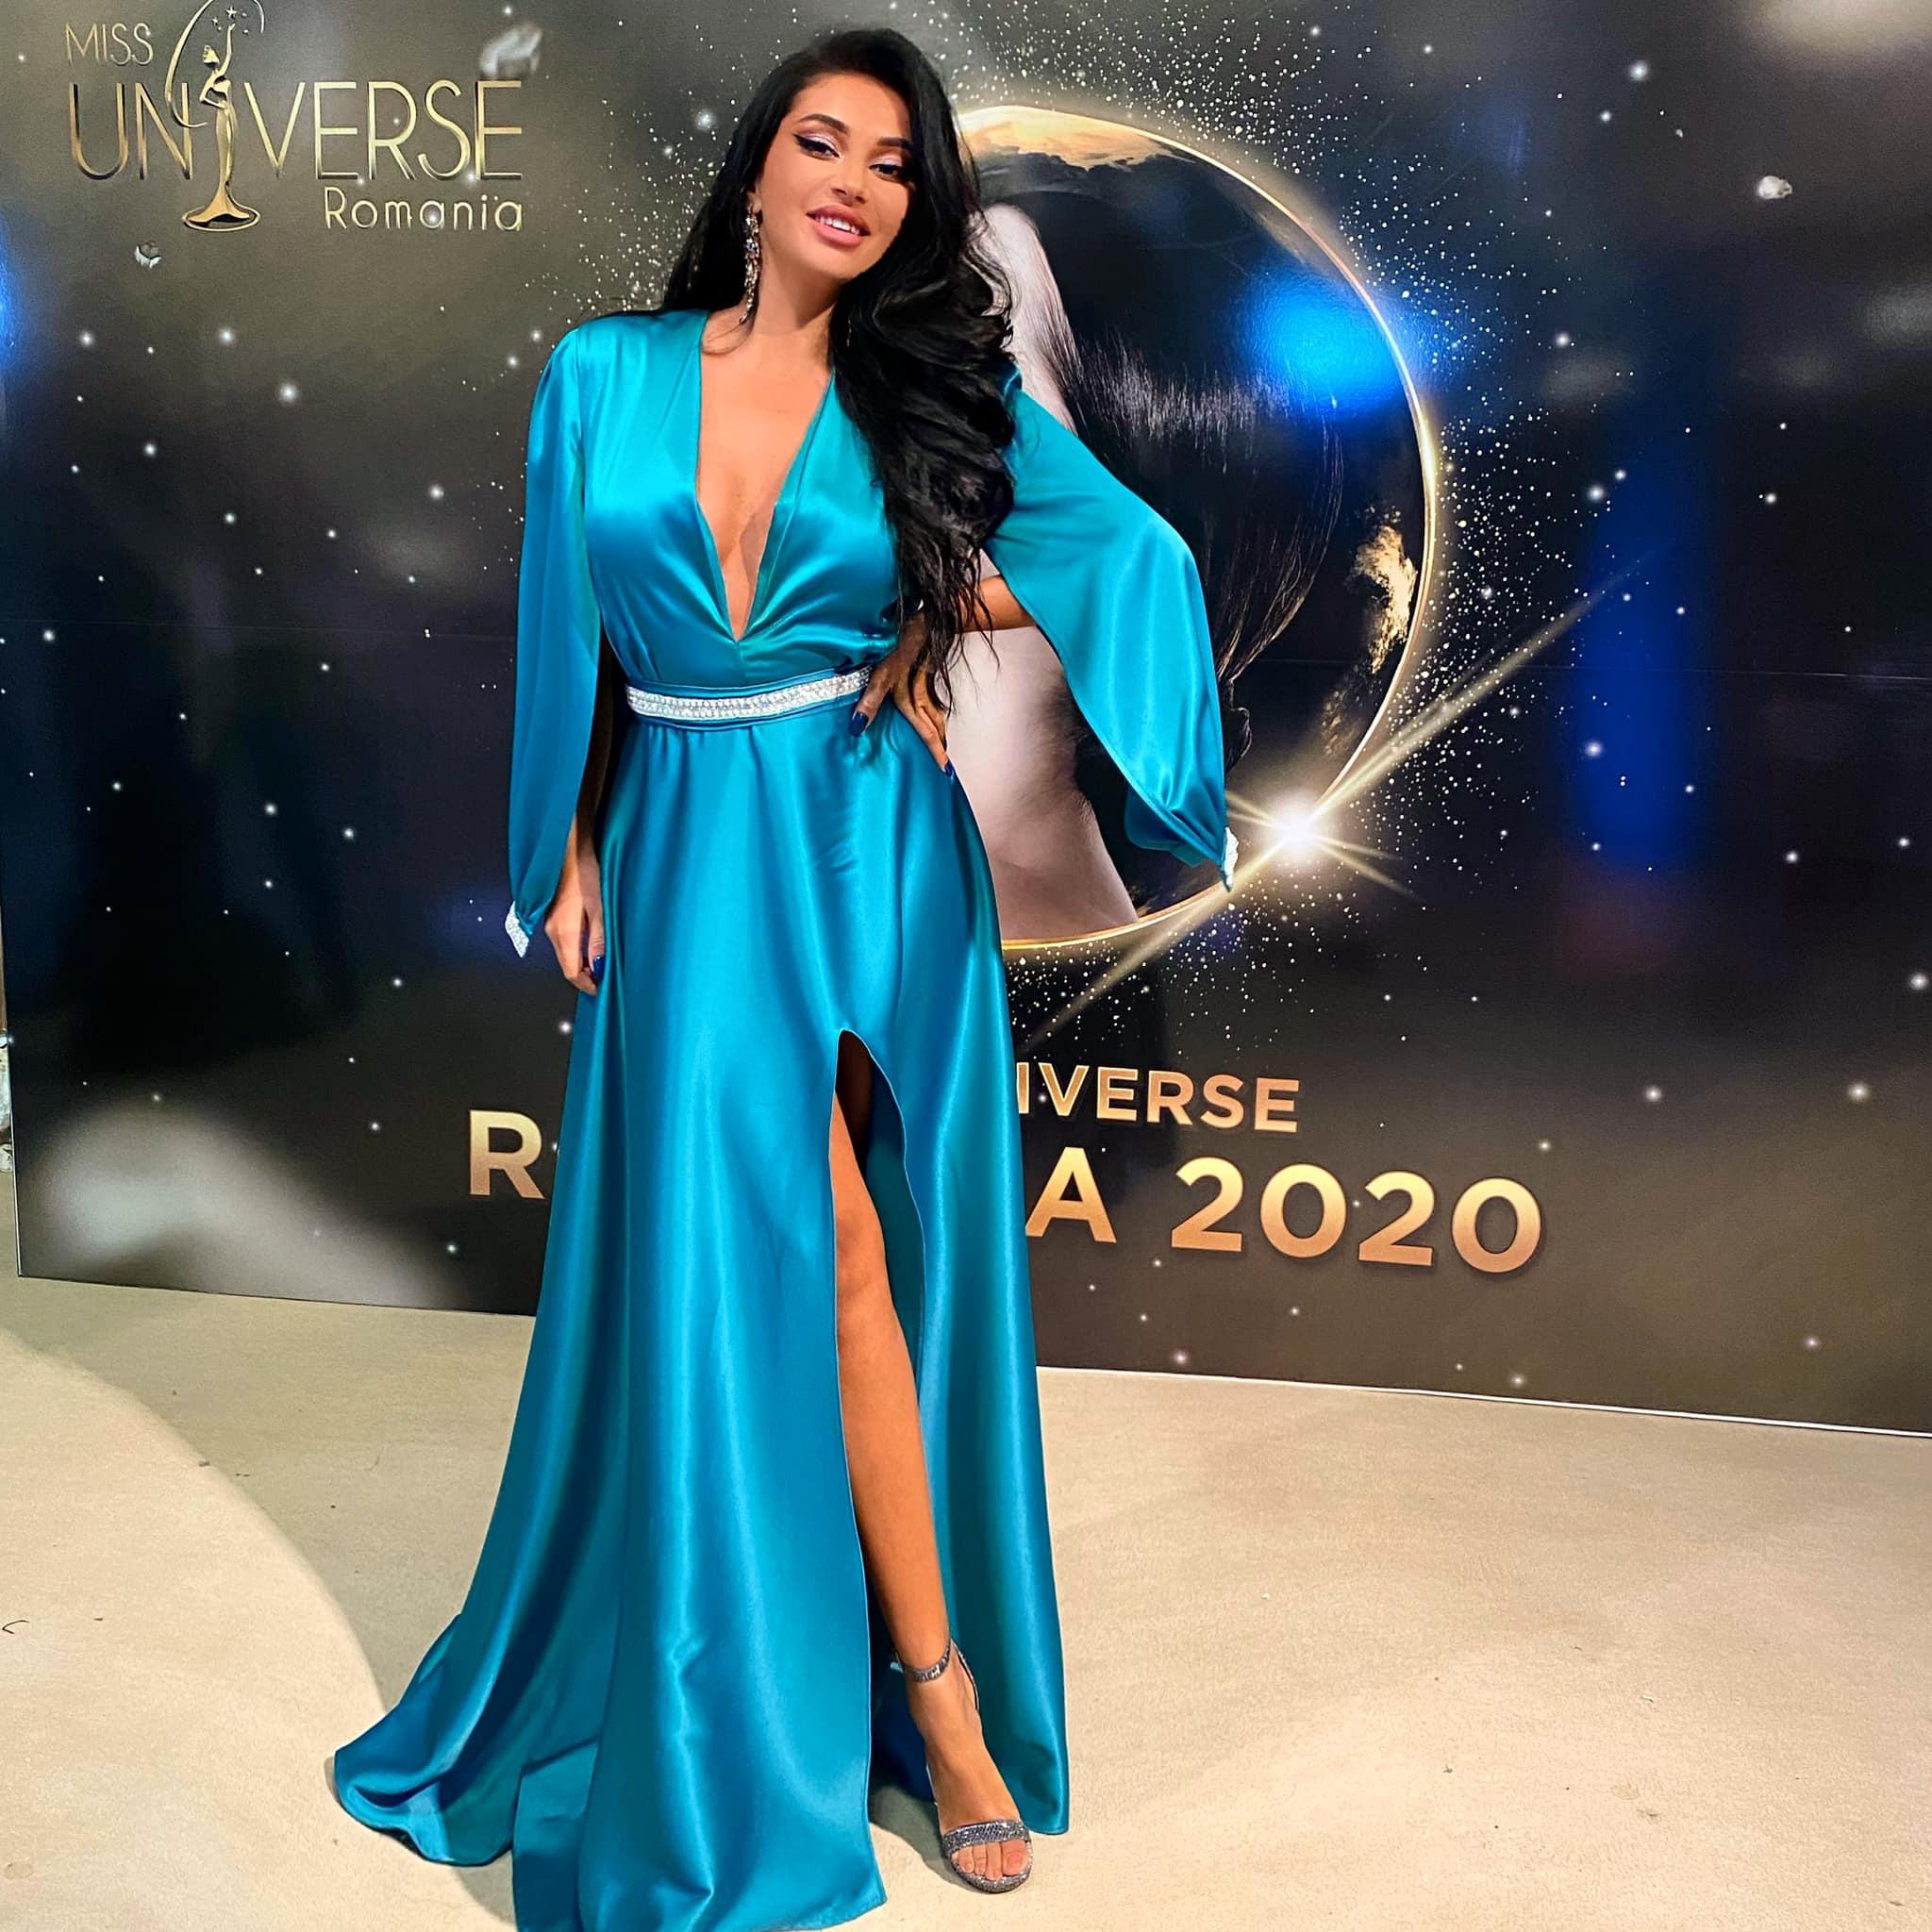 Elena Ionescu a apărut într-o rochie superbă la masa juraților Miss Universe